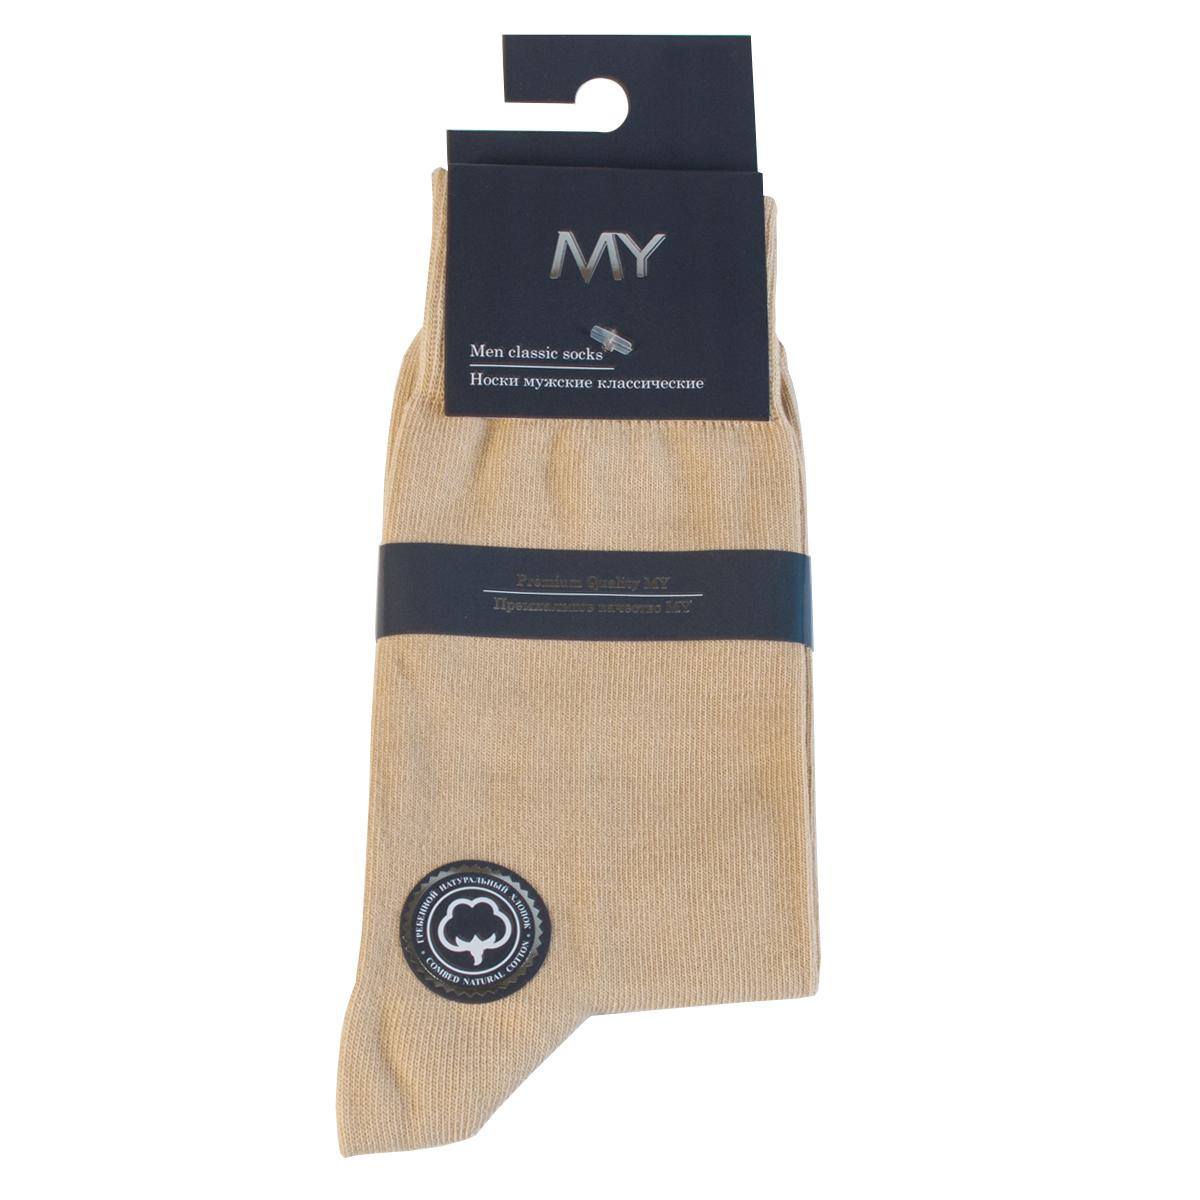 Носки мужские Mirey, цвет: бежевый. MSC 003. Размер (38/40)MSC 003Классические мужские носки от Mirey выполнены из хлопка с эластаном.Мысок и пятка не усиленные, двойная резинка, плоский шов.